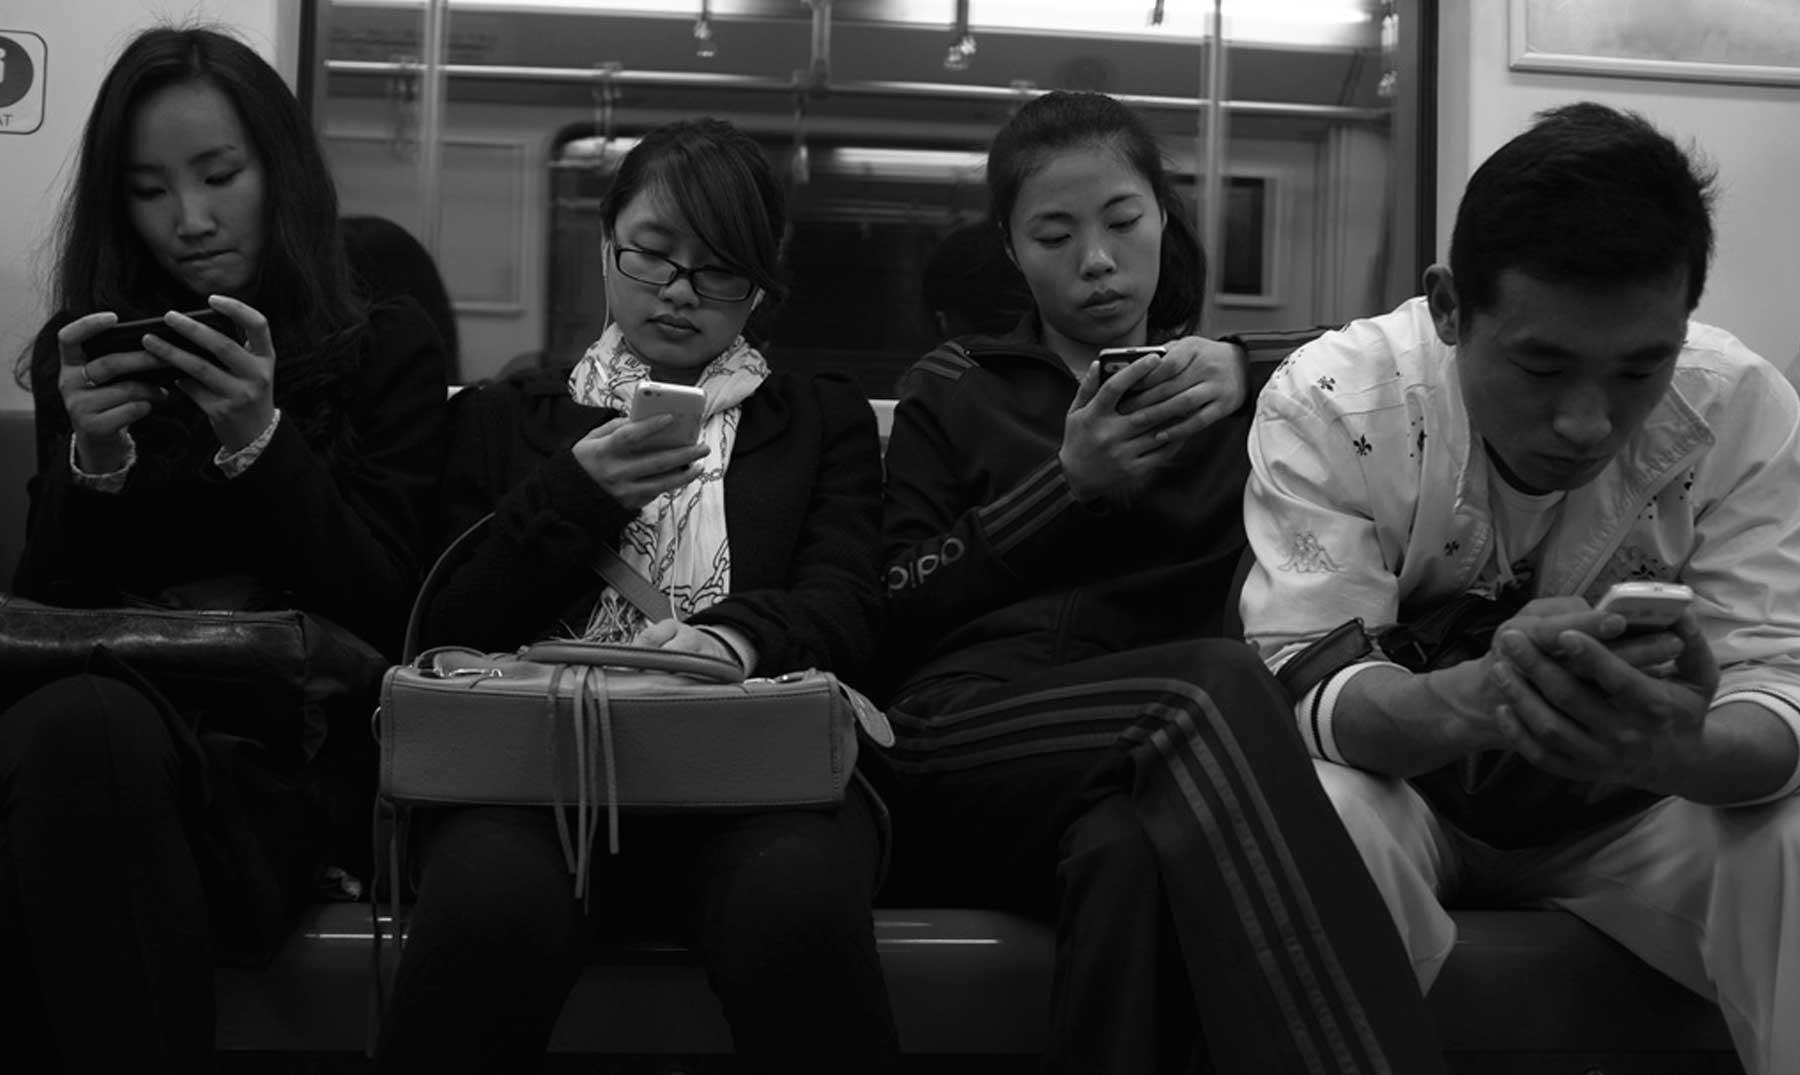 nuevas enfermedades psicológicas causadas por Internet y los móviles